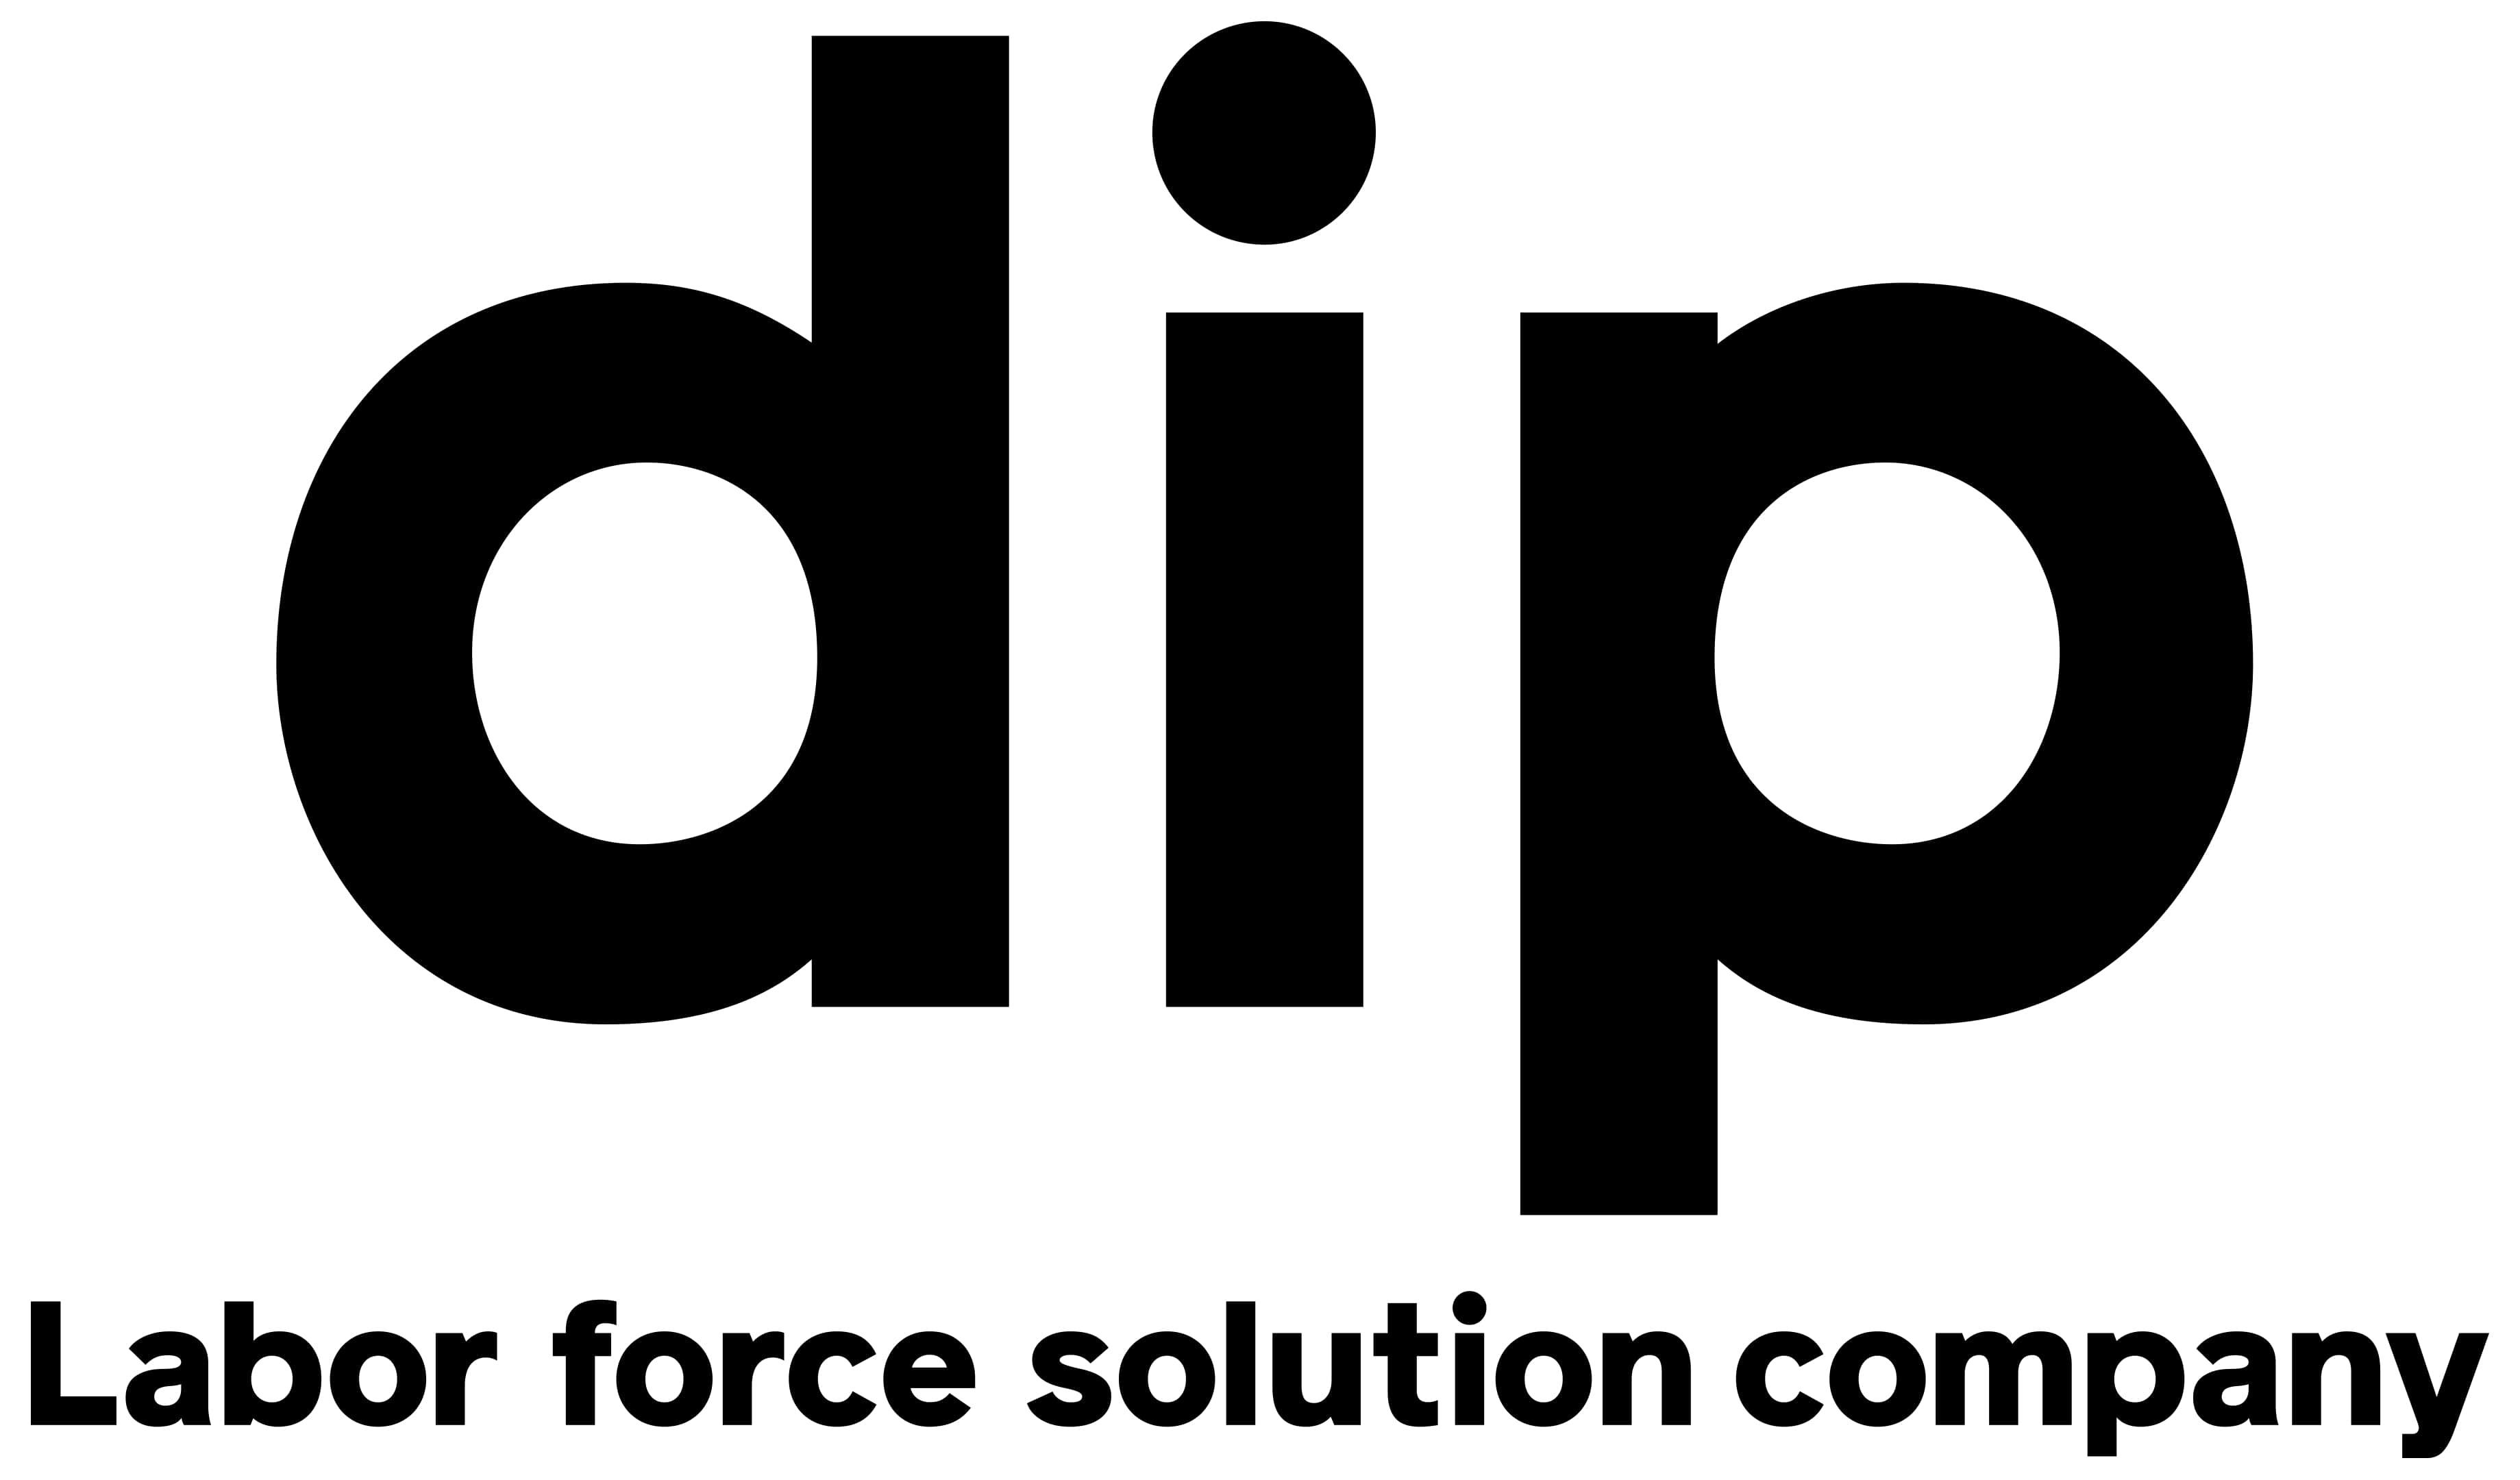 ディップ株式会社のiOSアプリエンジニア(テックリード)に関するITエンジニア求人情報